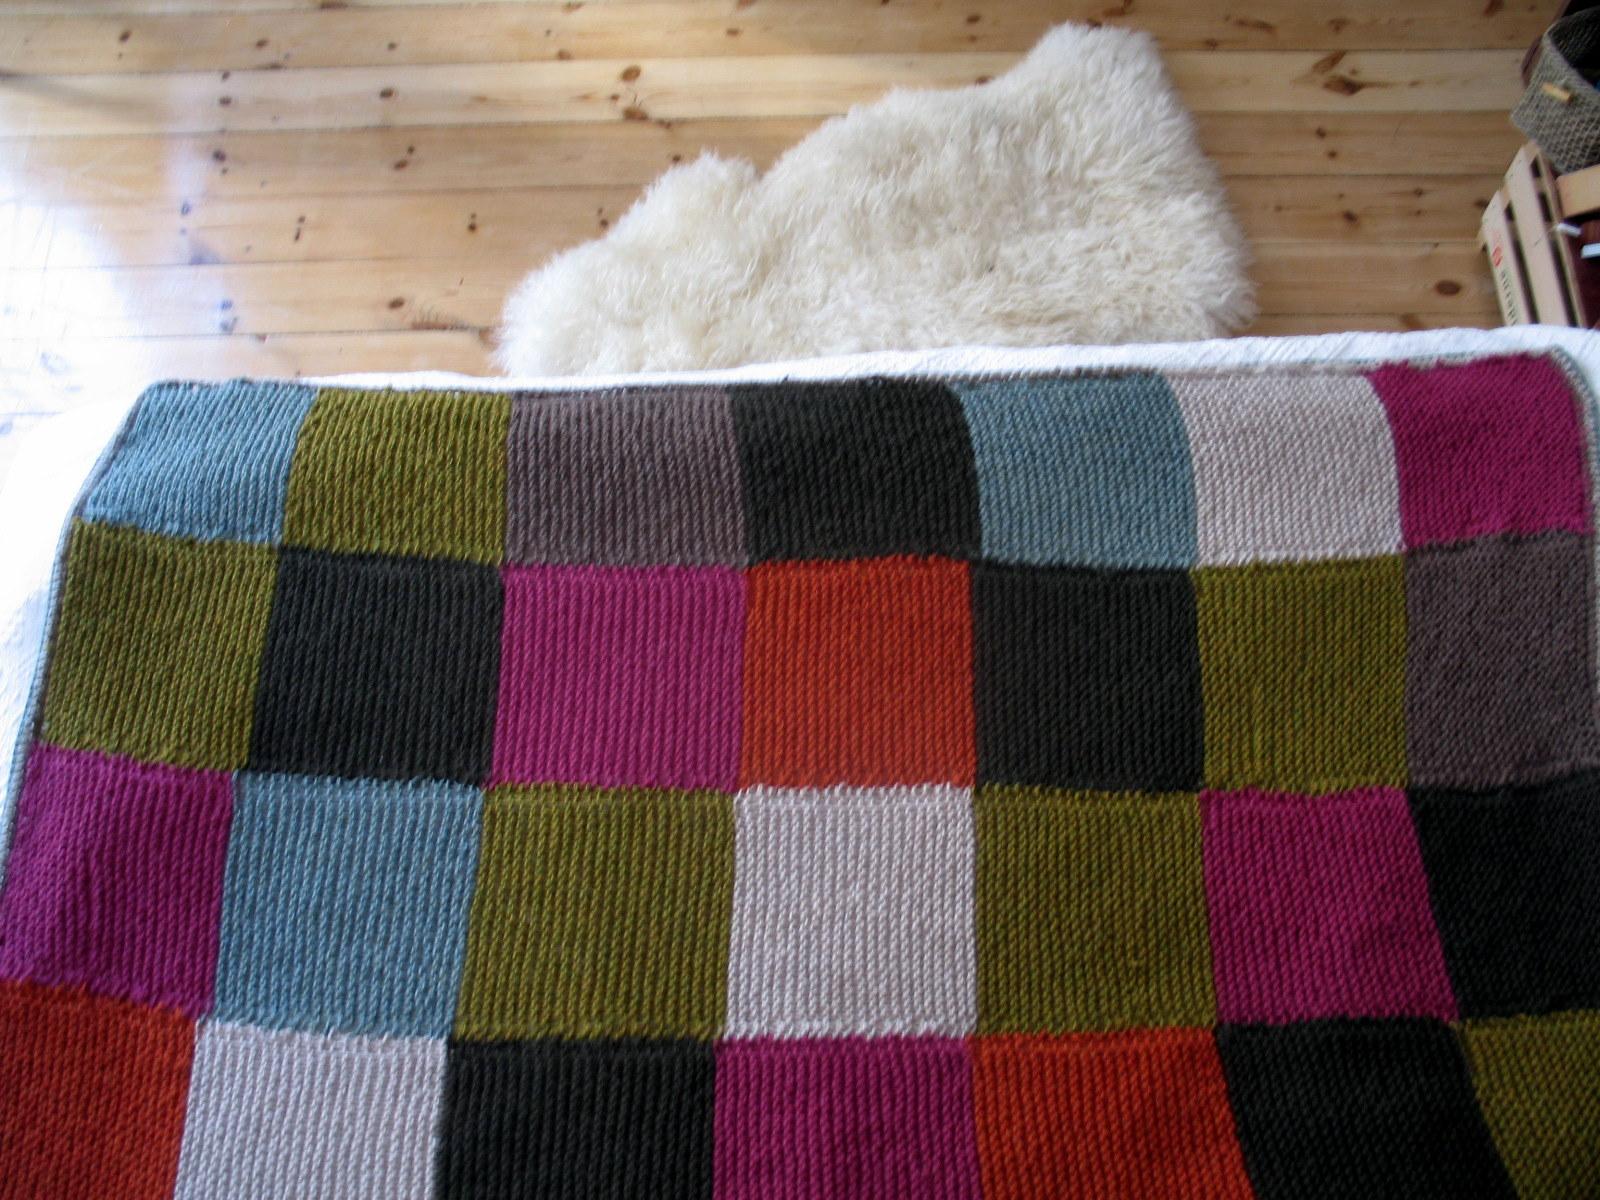 strikket kludetæppe opskrift